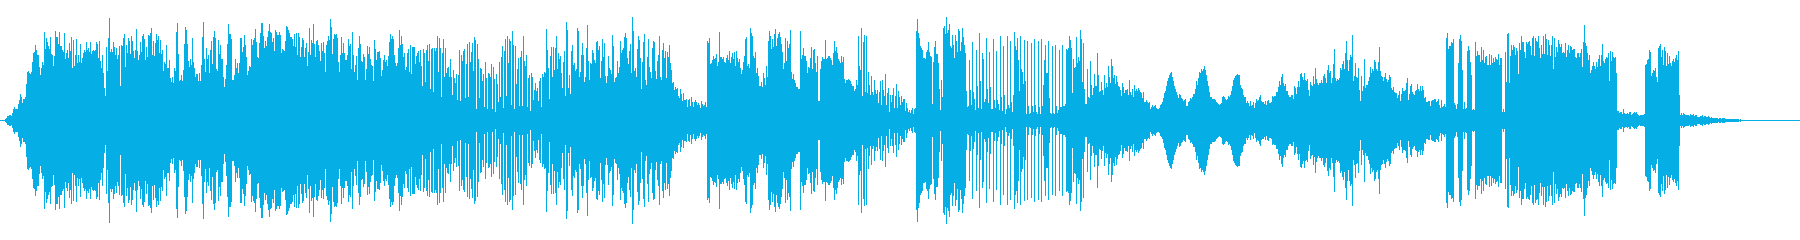 信号解釈の再生済みの波形